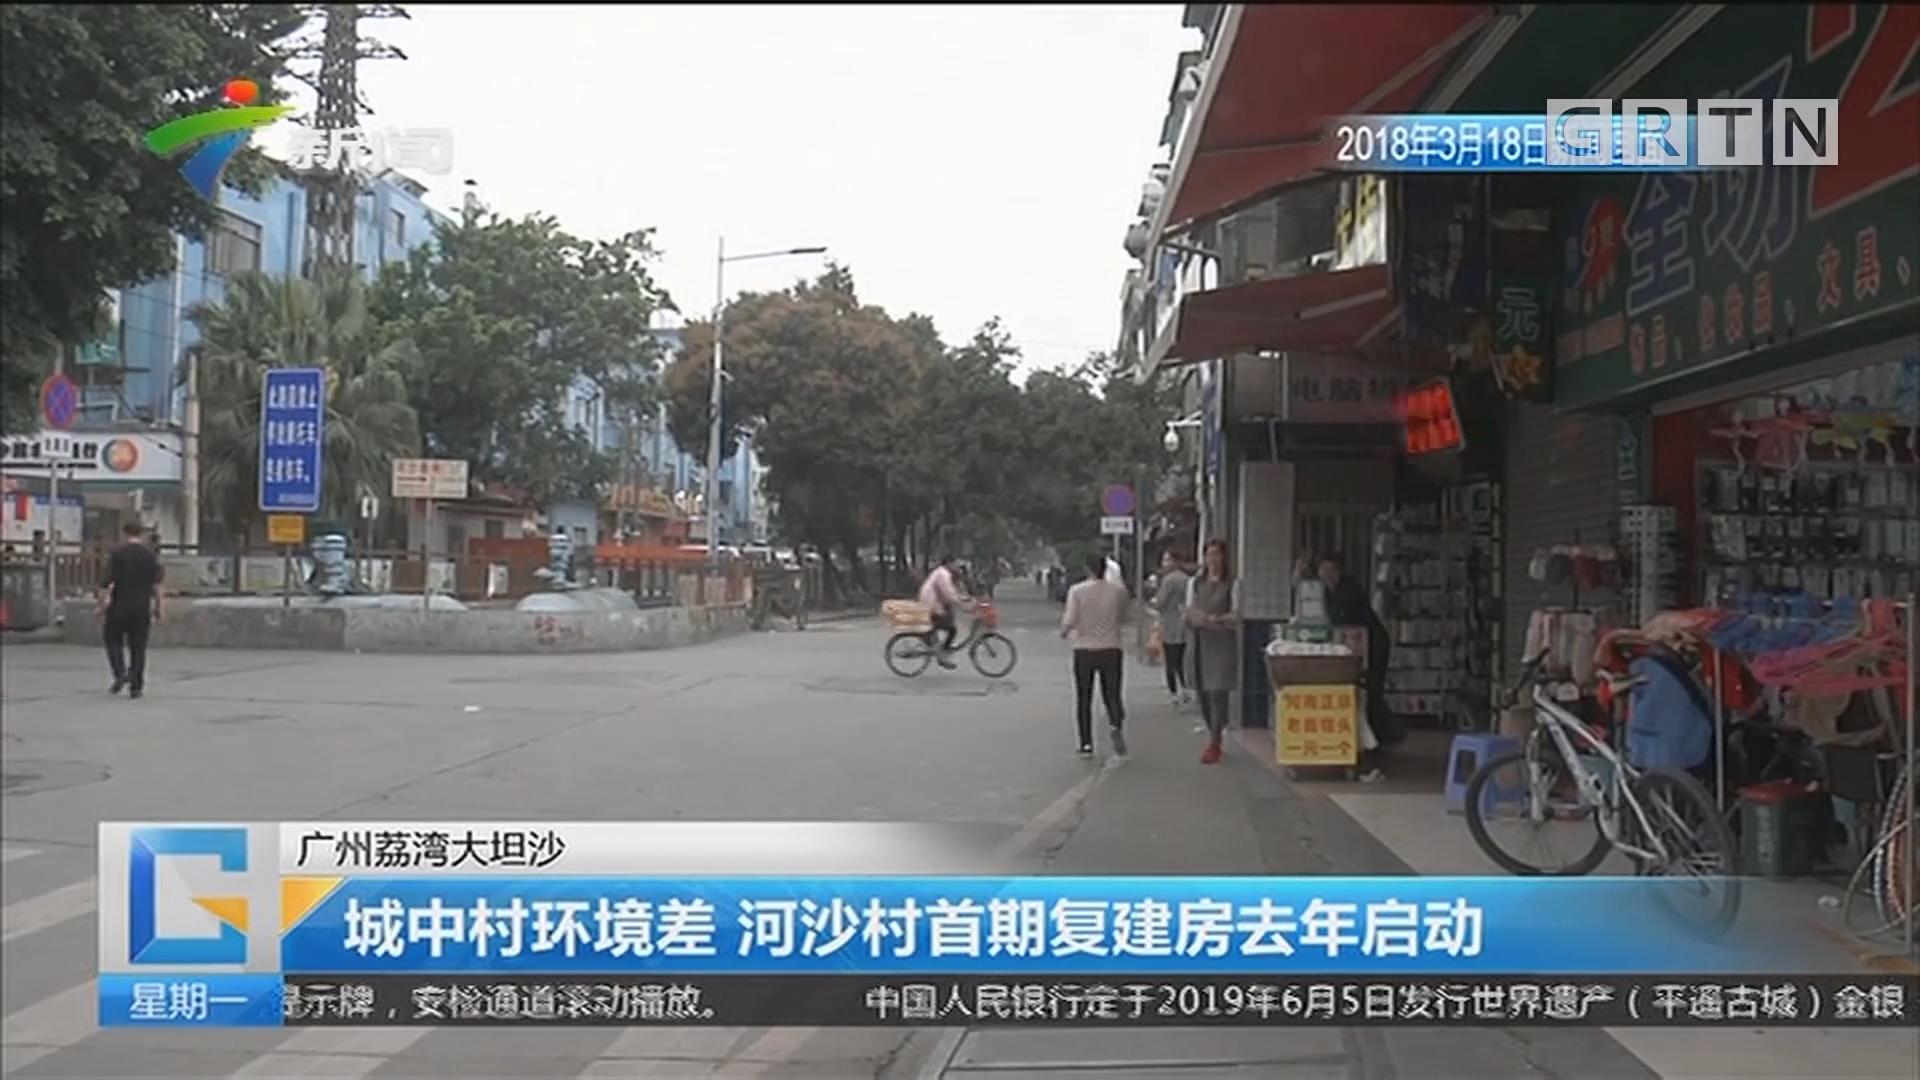 广州荔湾大坦沙:城中村环境差 河沙村首期复建房去年启动